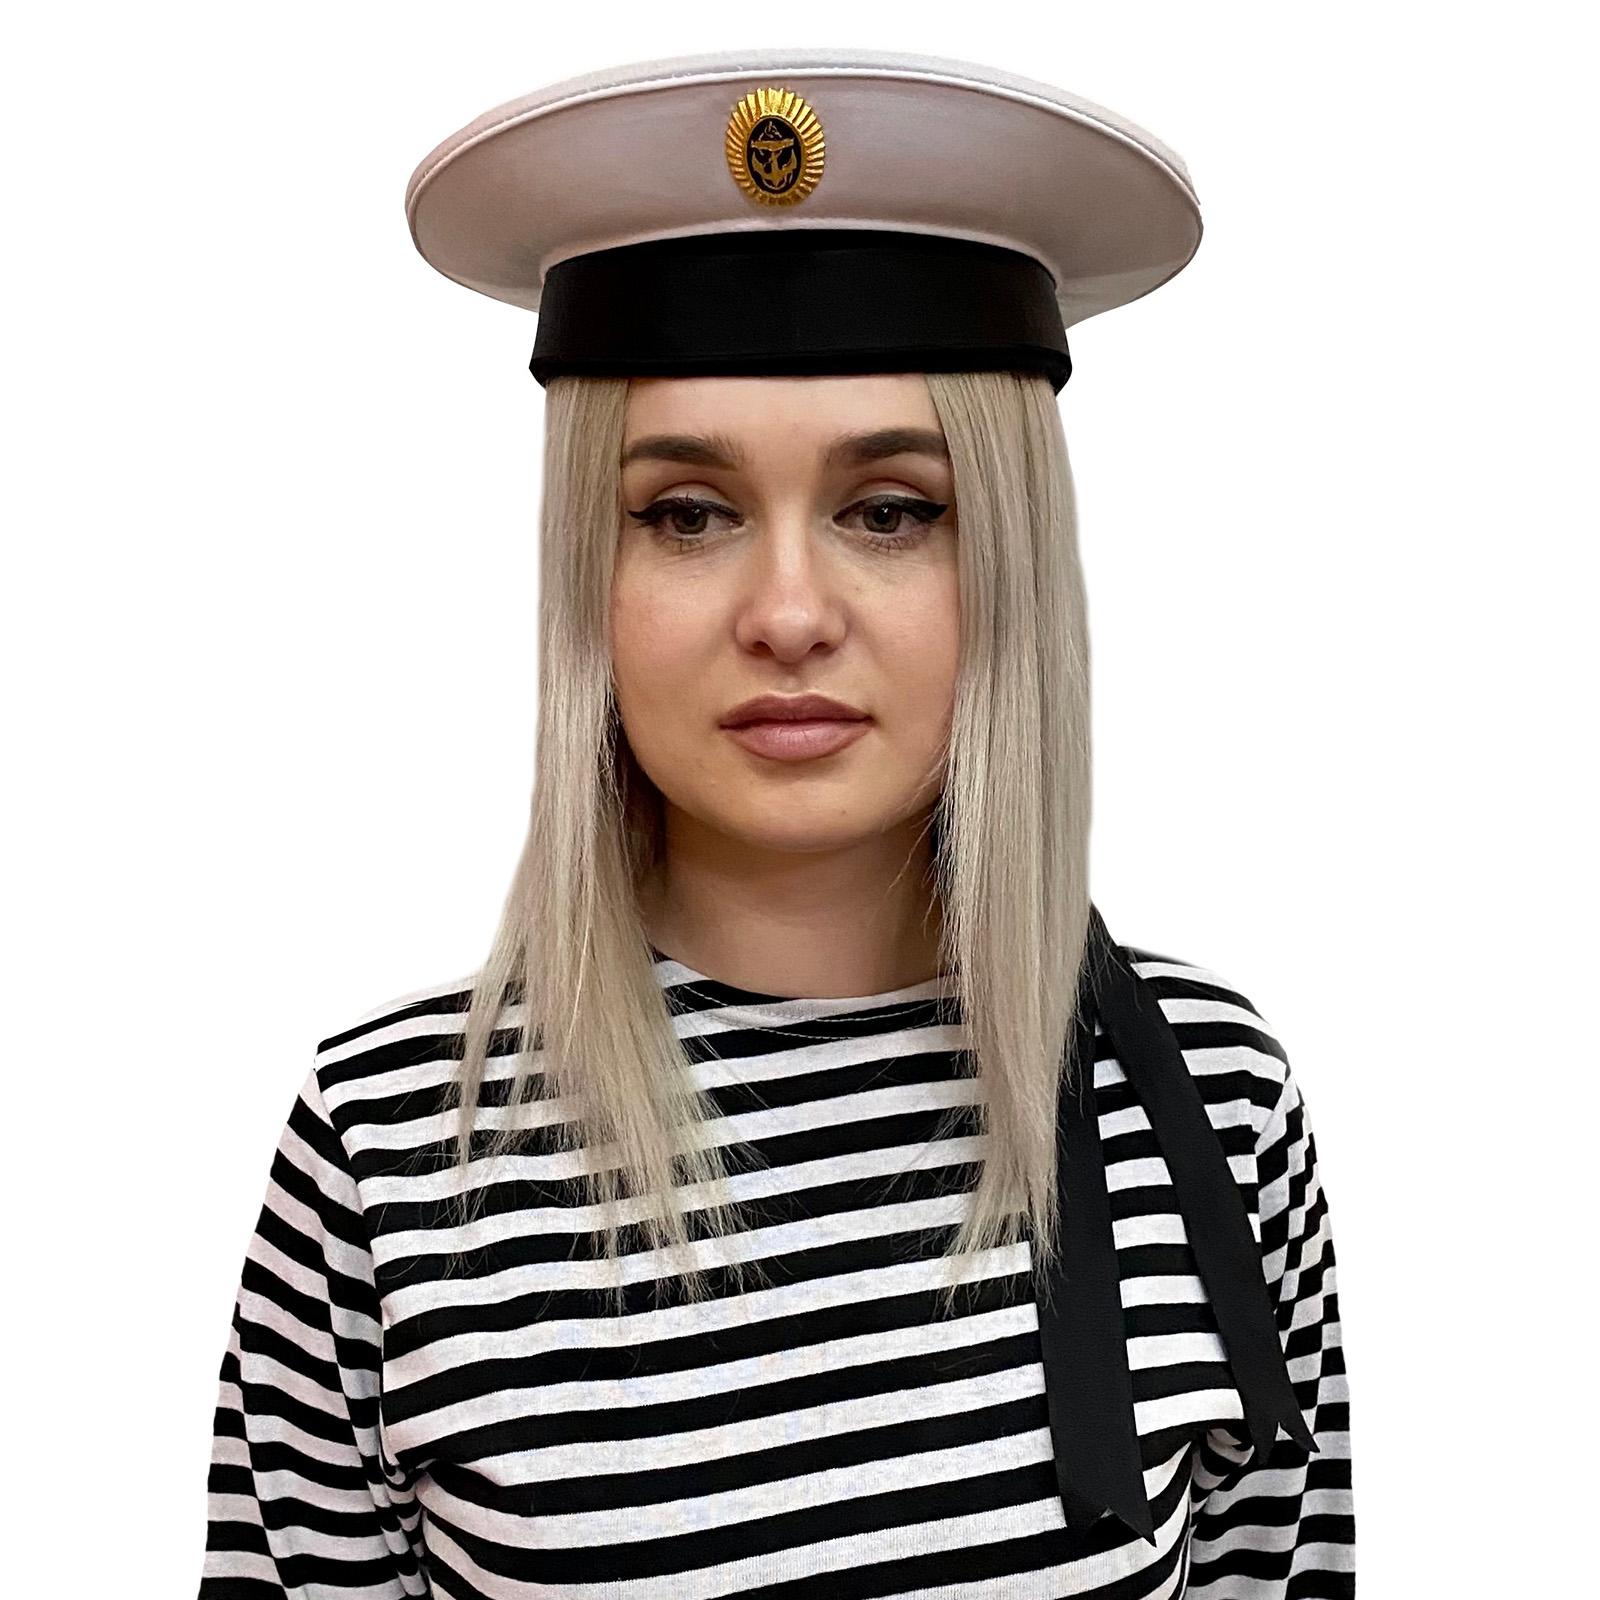 Белая бескозырка с кокардой морской пехоты